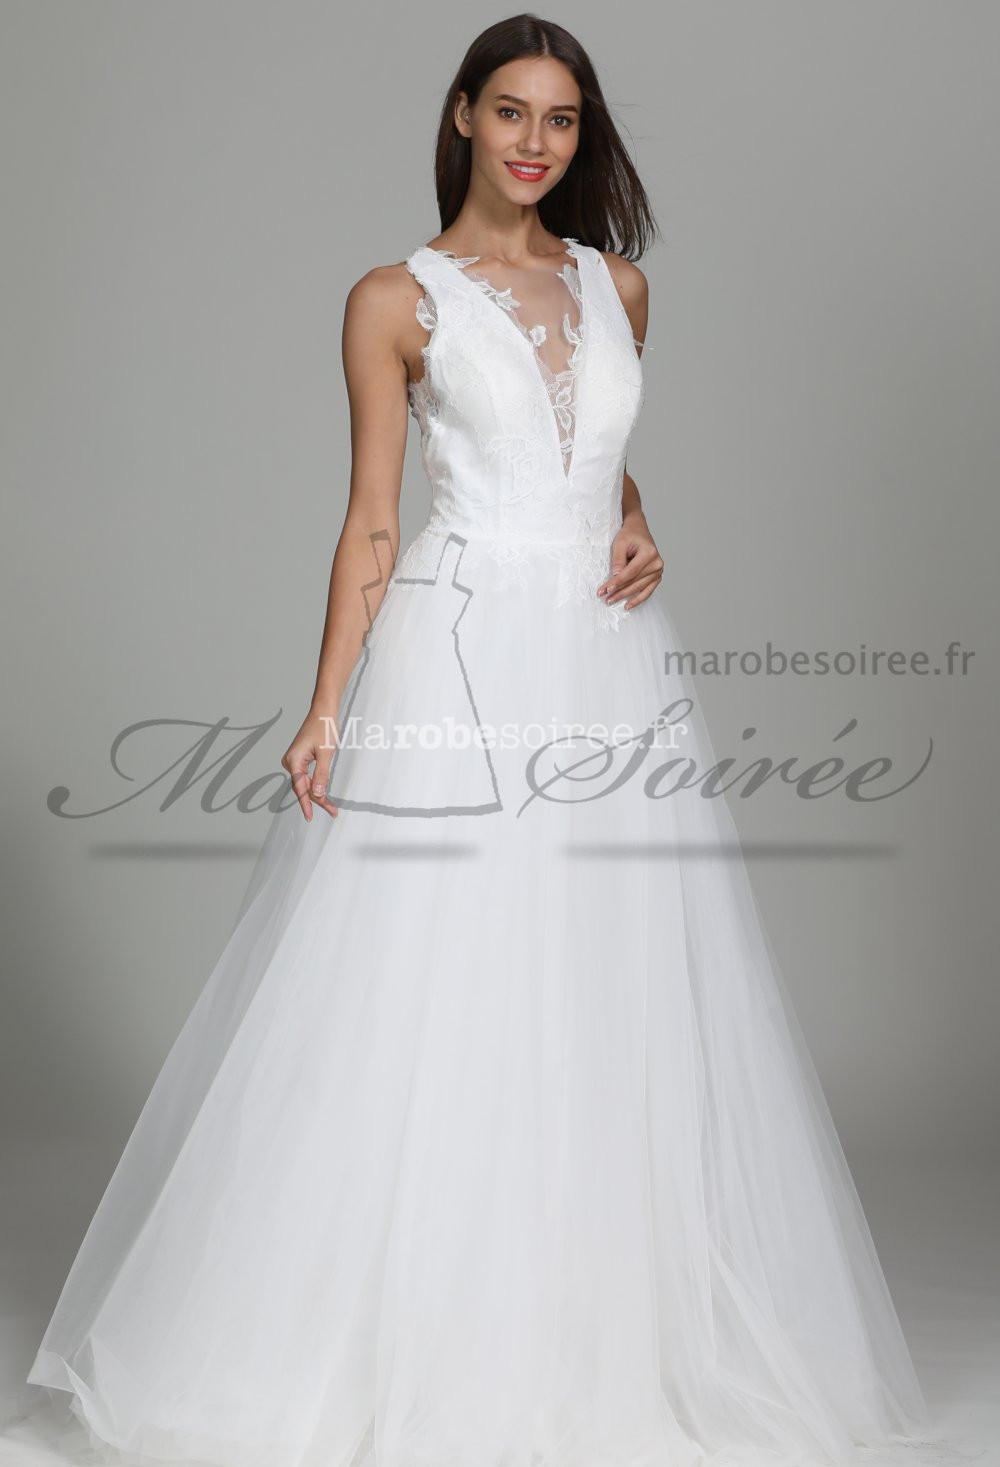 Robe de mariée fluide joli dos transparent